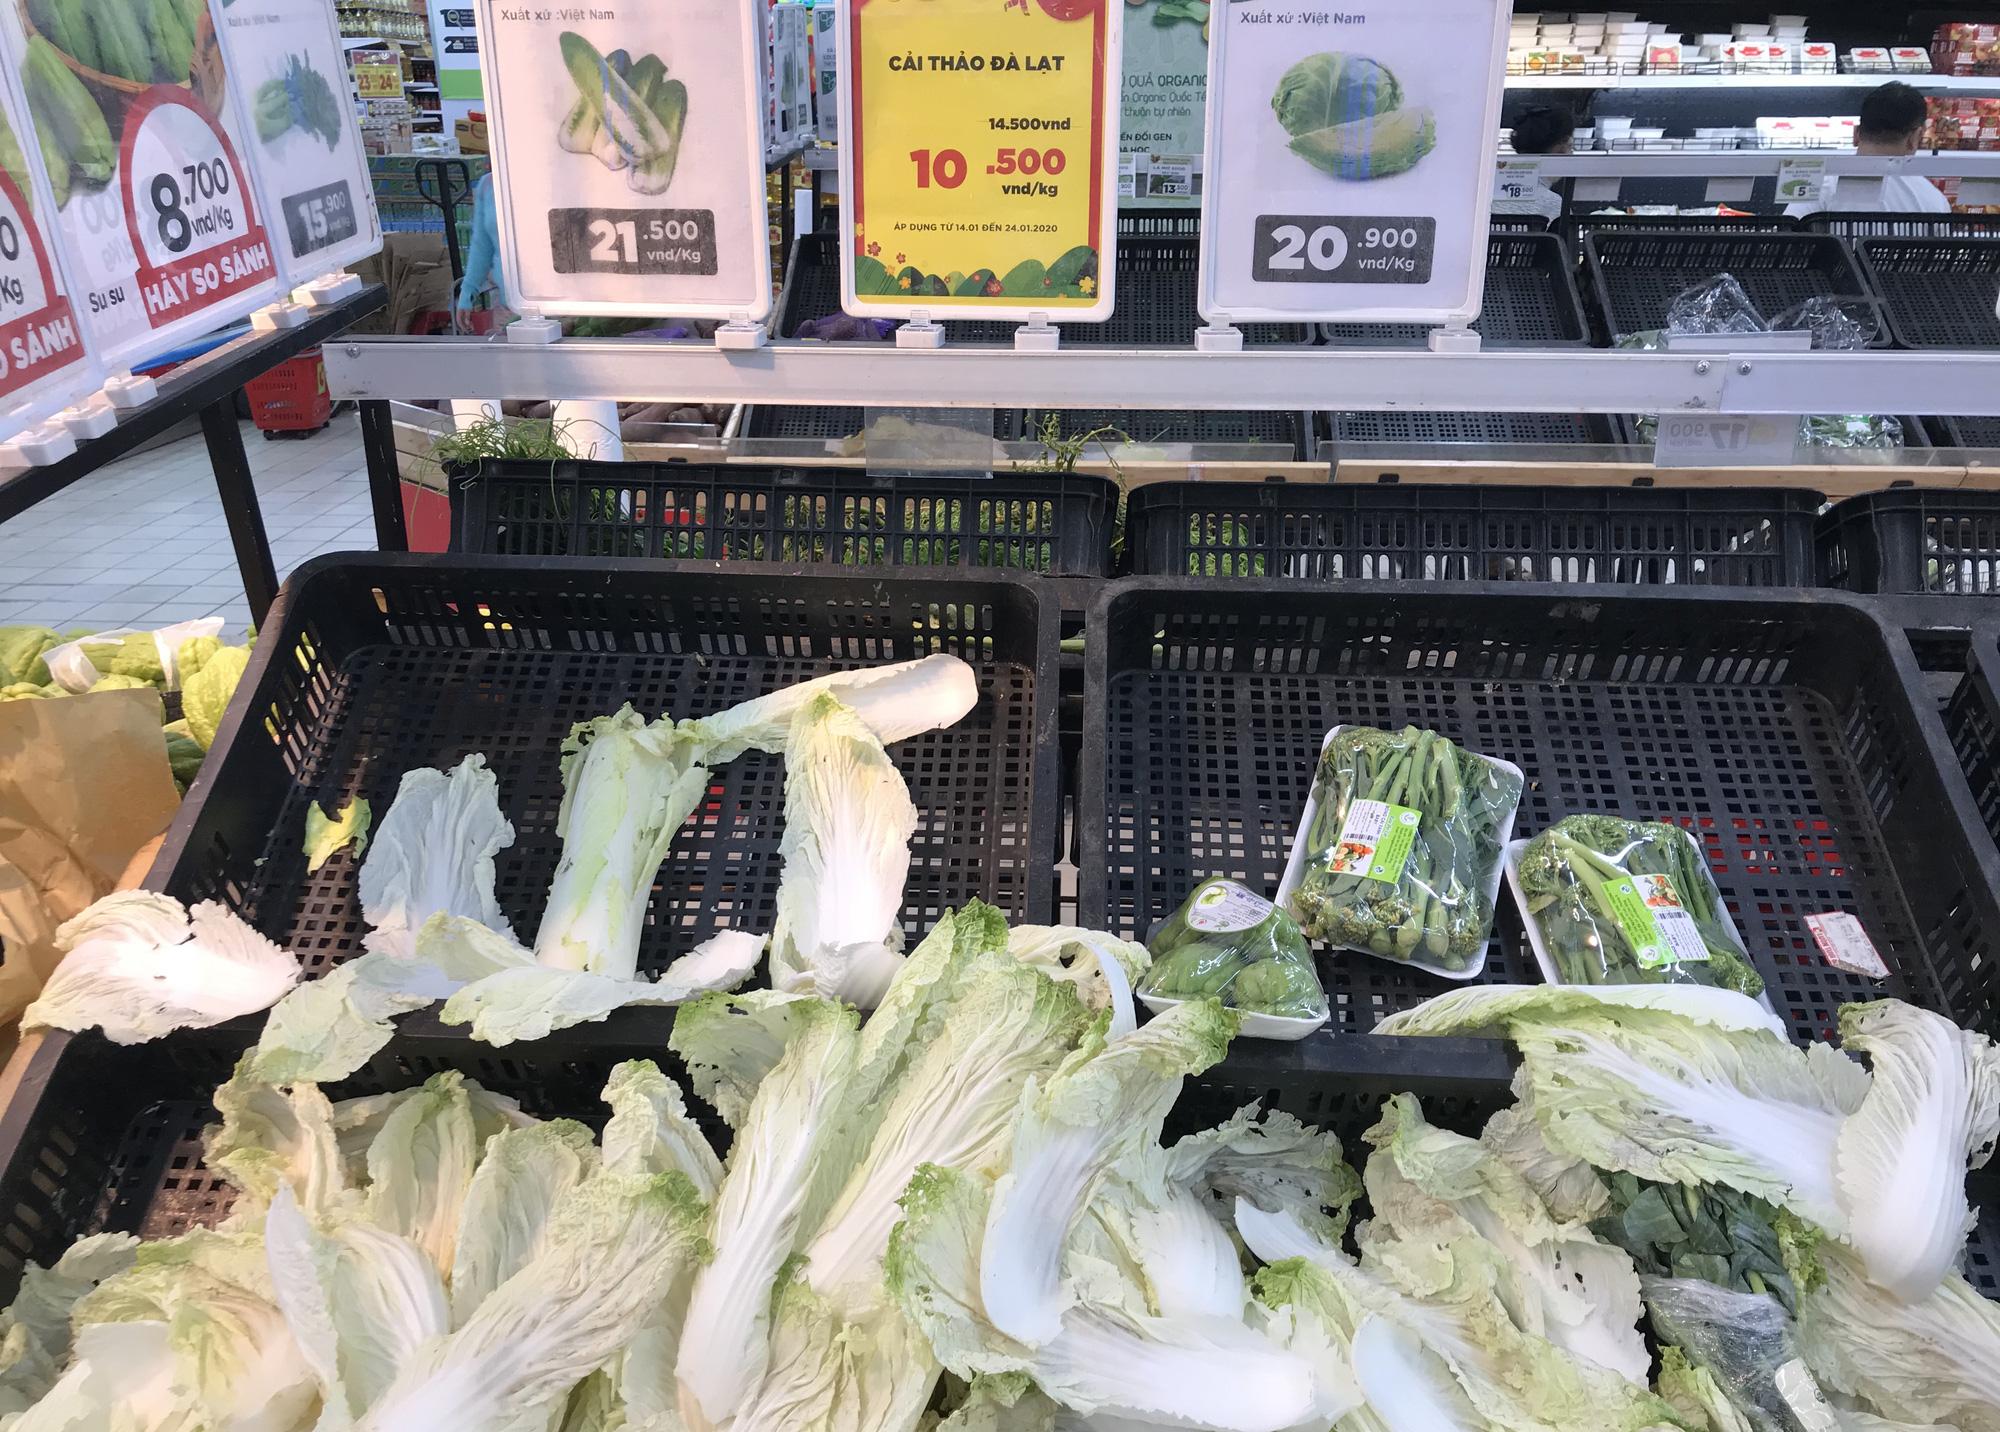 Người Sài Gòn vét siêu thị sáng 30 Tết, rau muống, tía tô, sữa chua, thịt heo đều hết sạch - Ảnh 4.